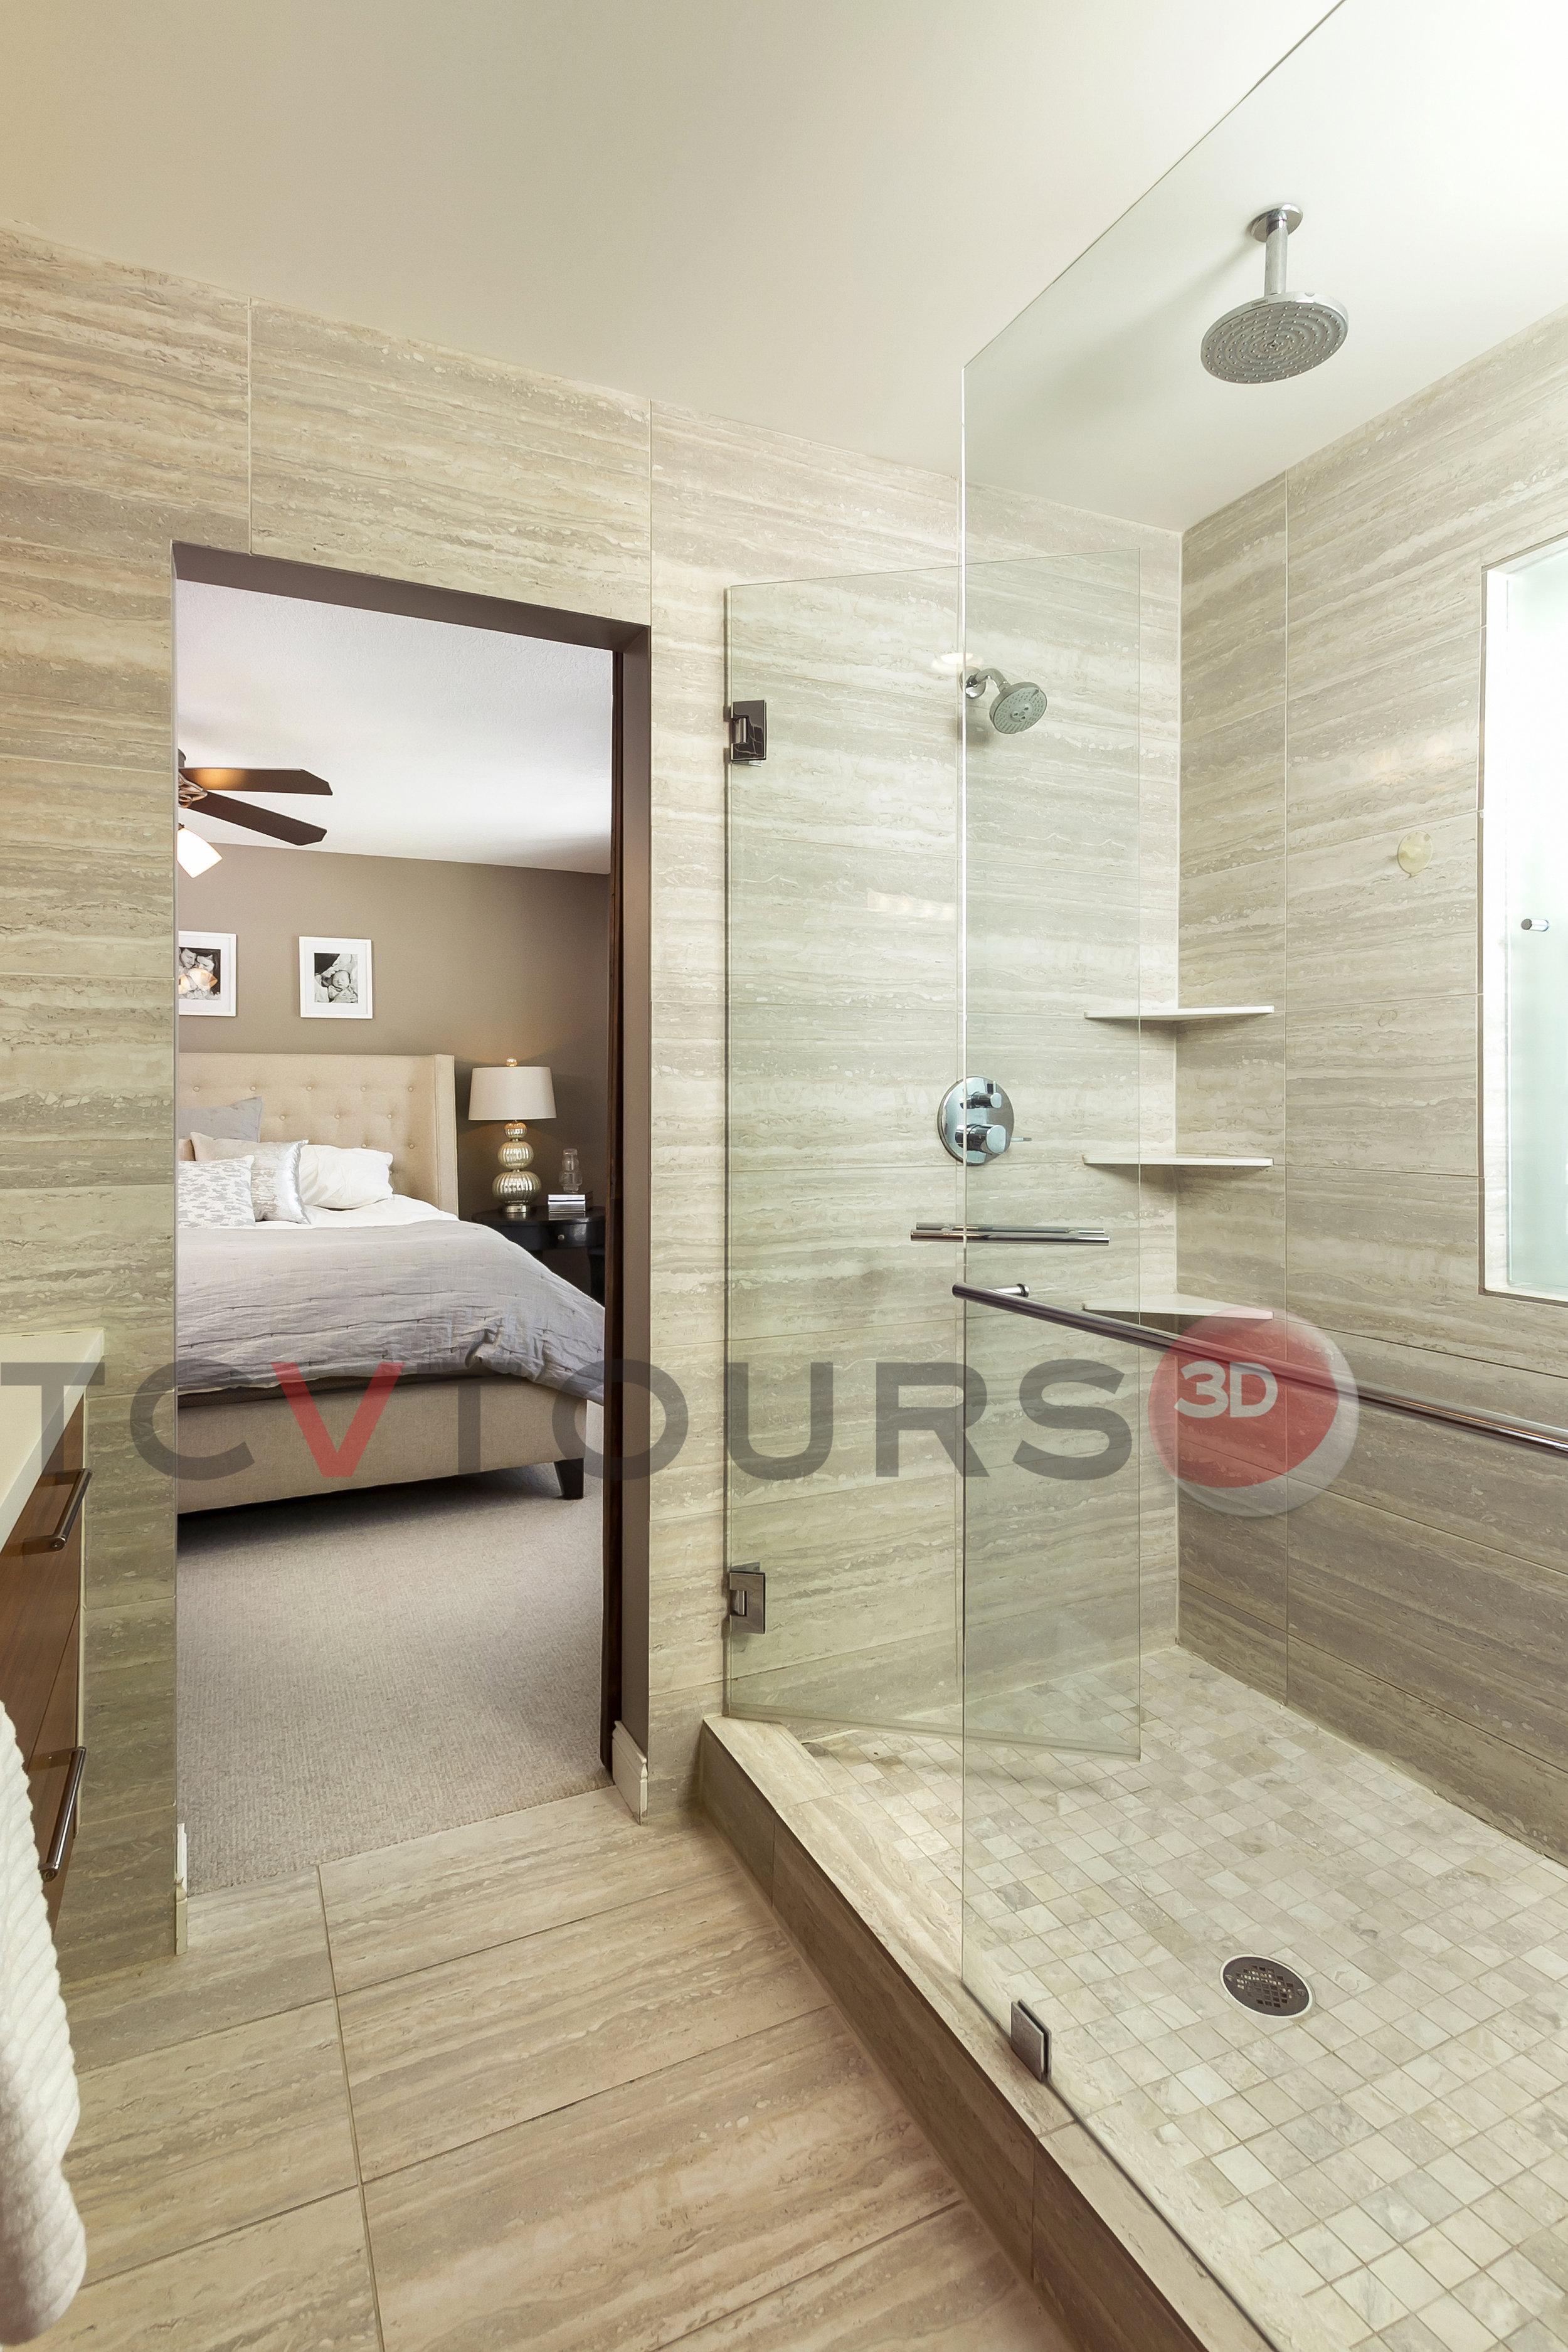 031_bathroom master to bedroom revised H20.jpg